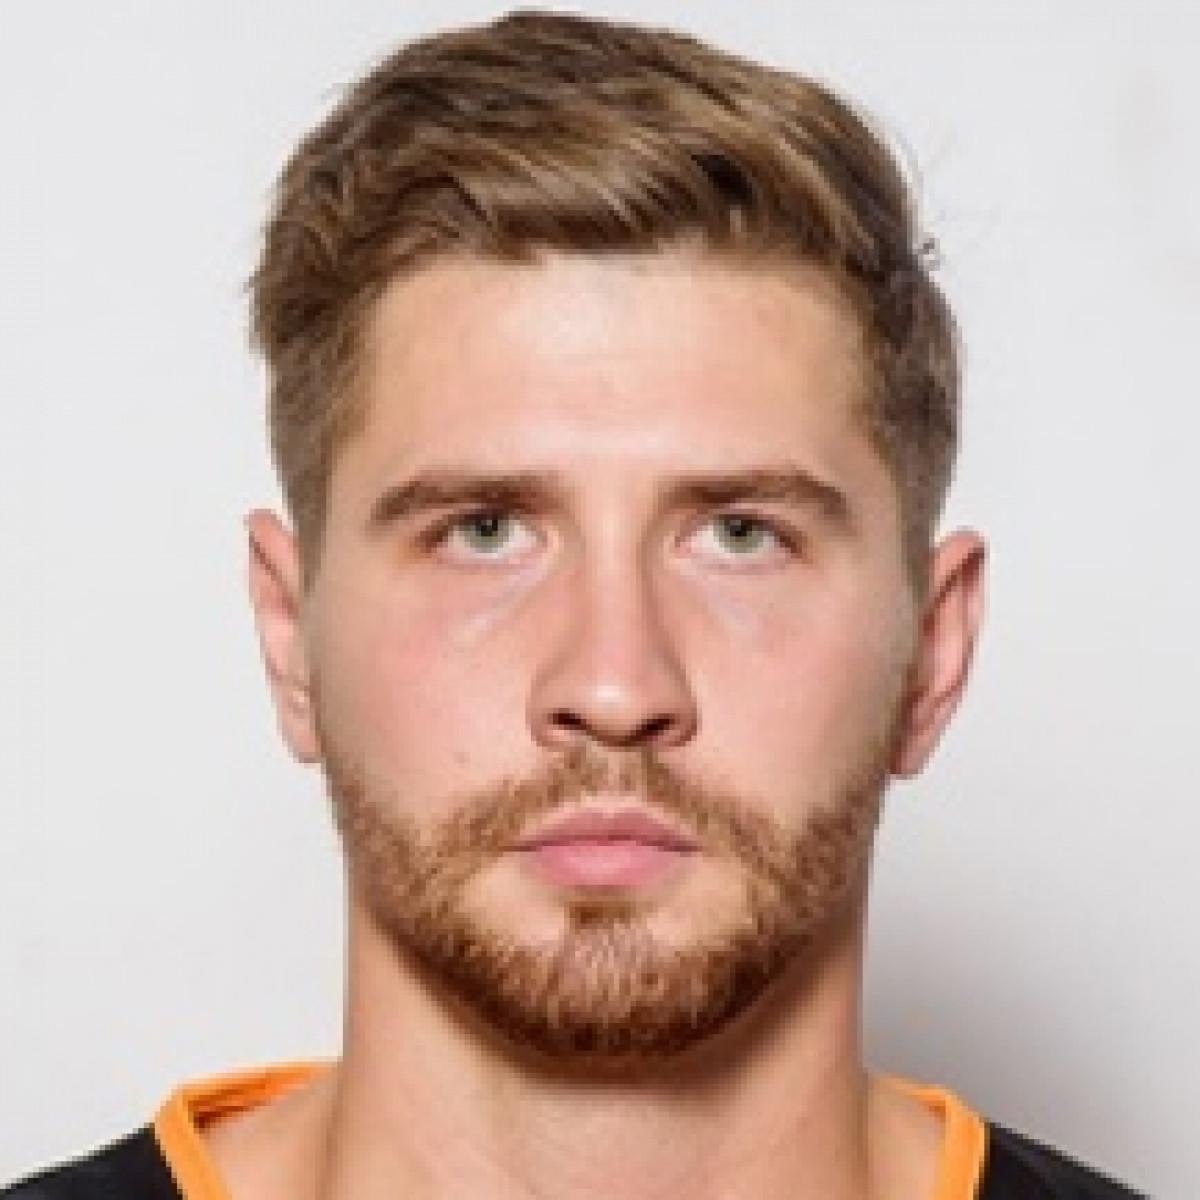 Michal Jankowski